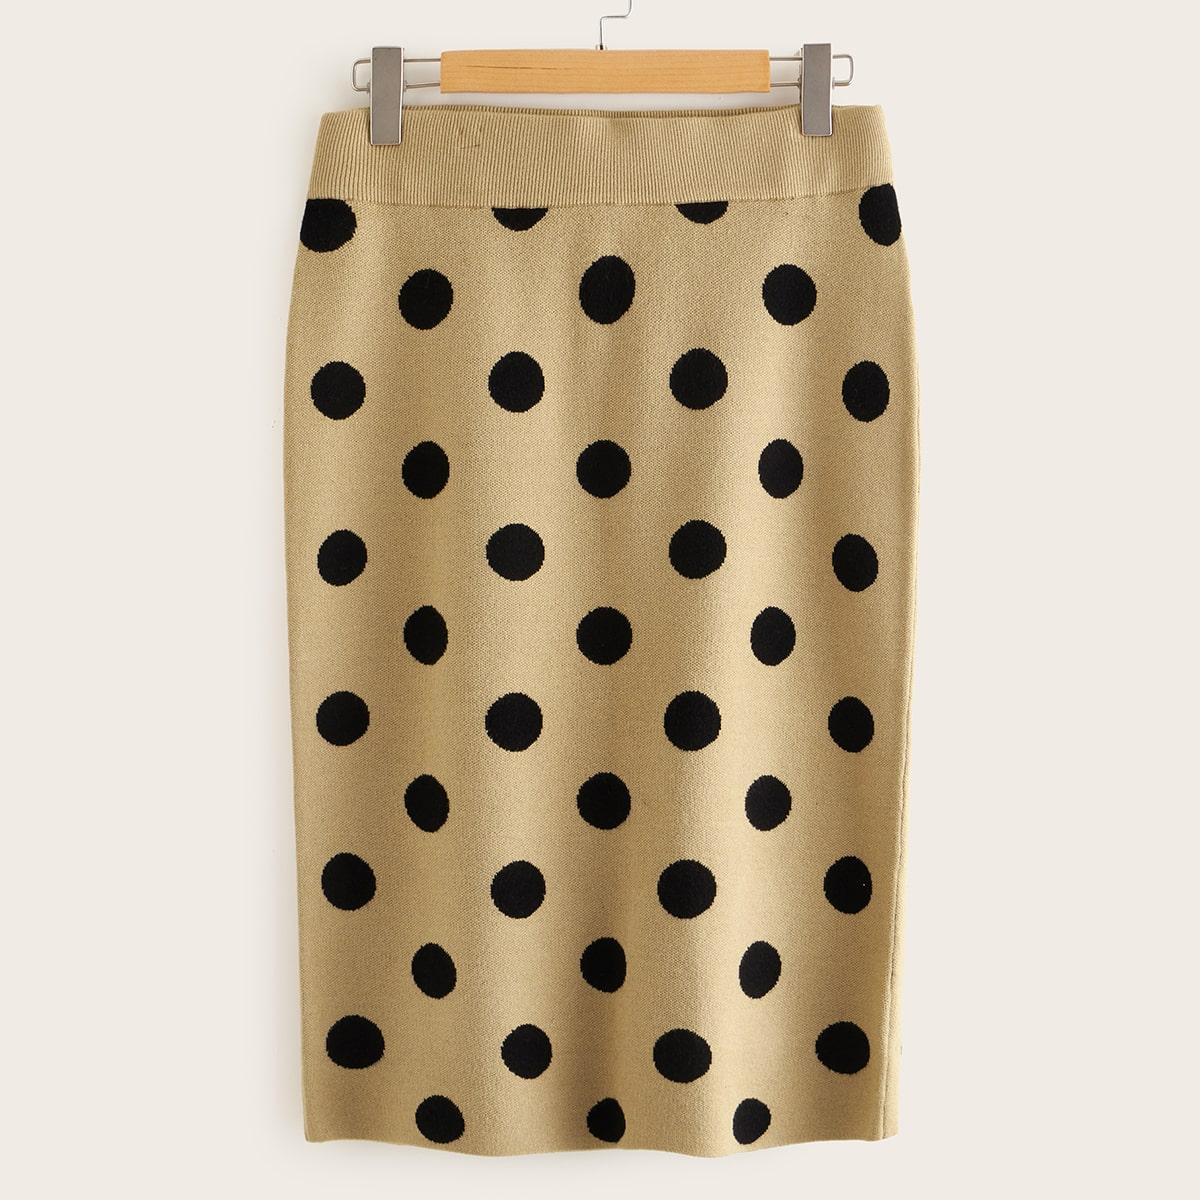 SHEIN / Pullover Rock in Übergröße mit breitem Taillenband und Punkten Muster